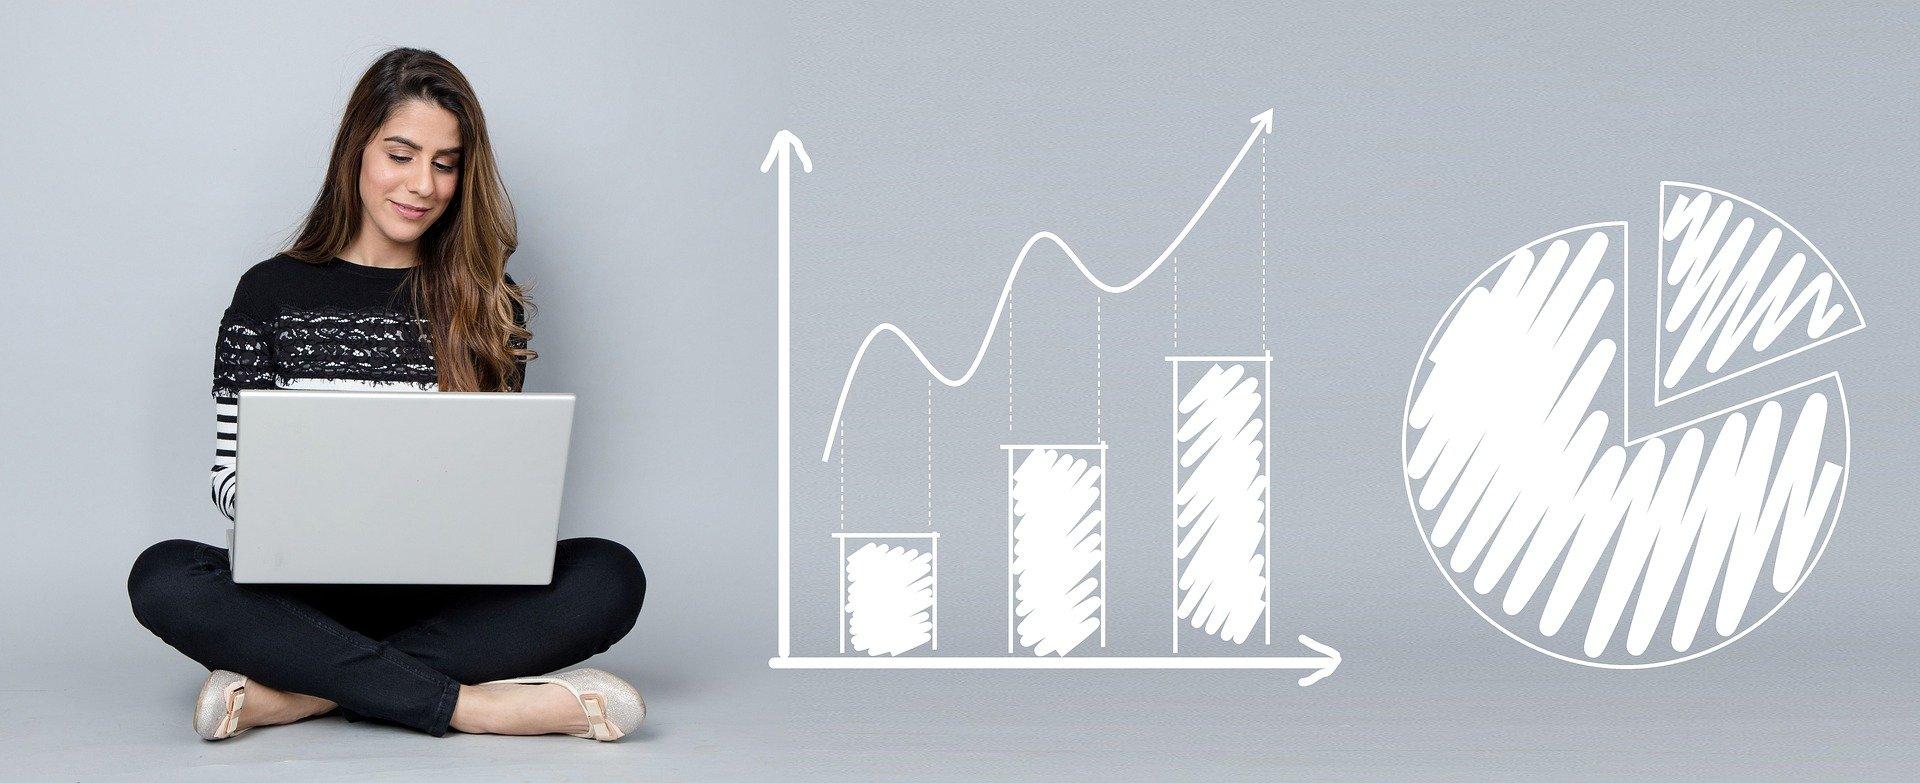 Comment battre l'inflation avec vos placements